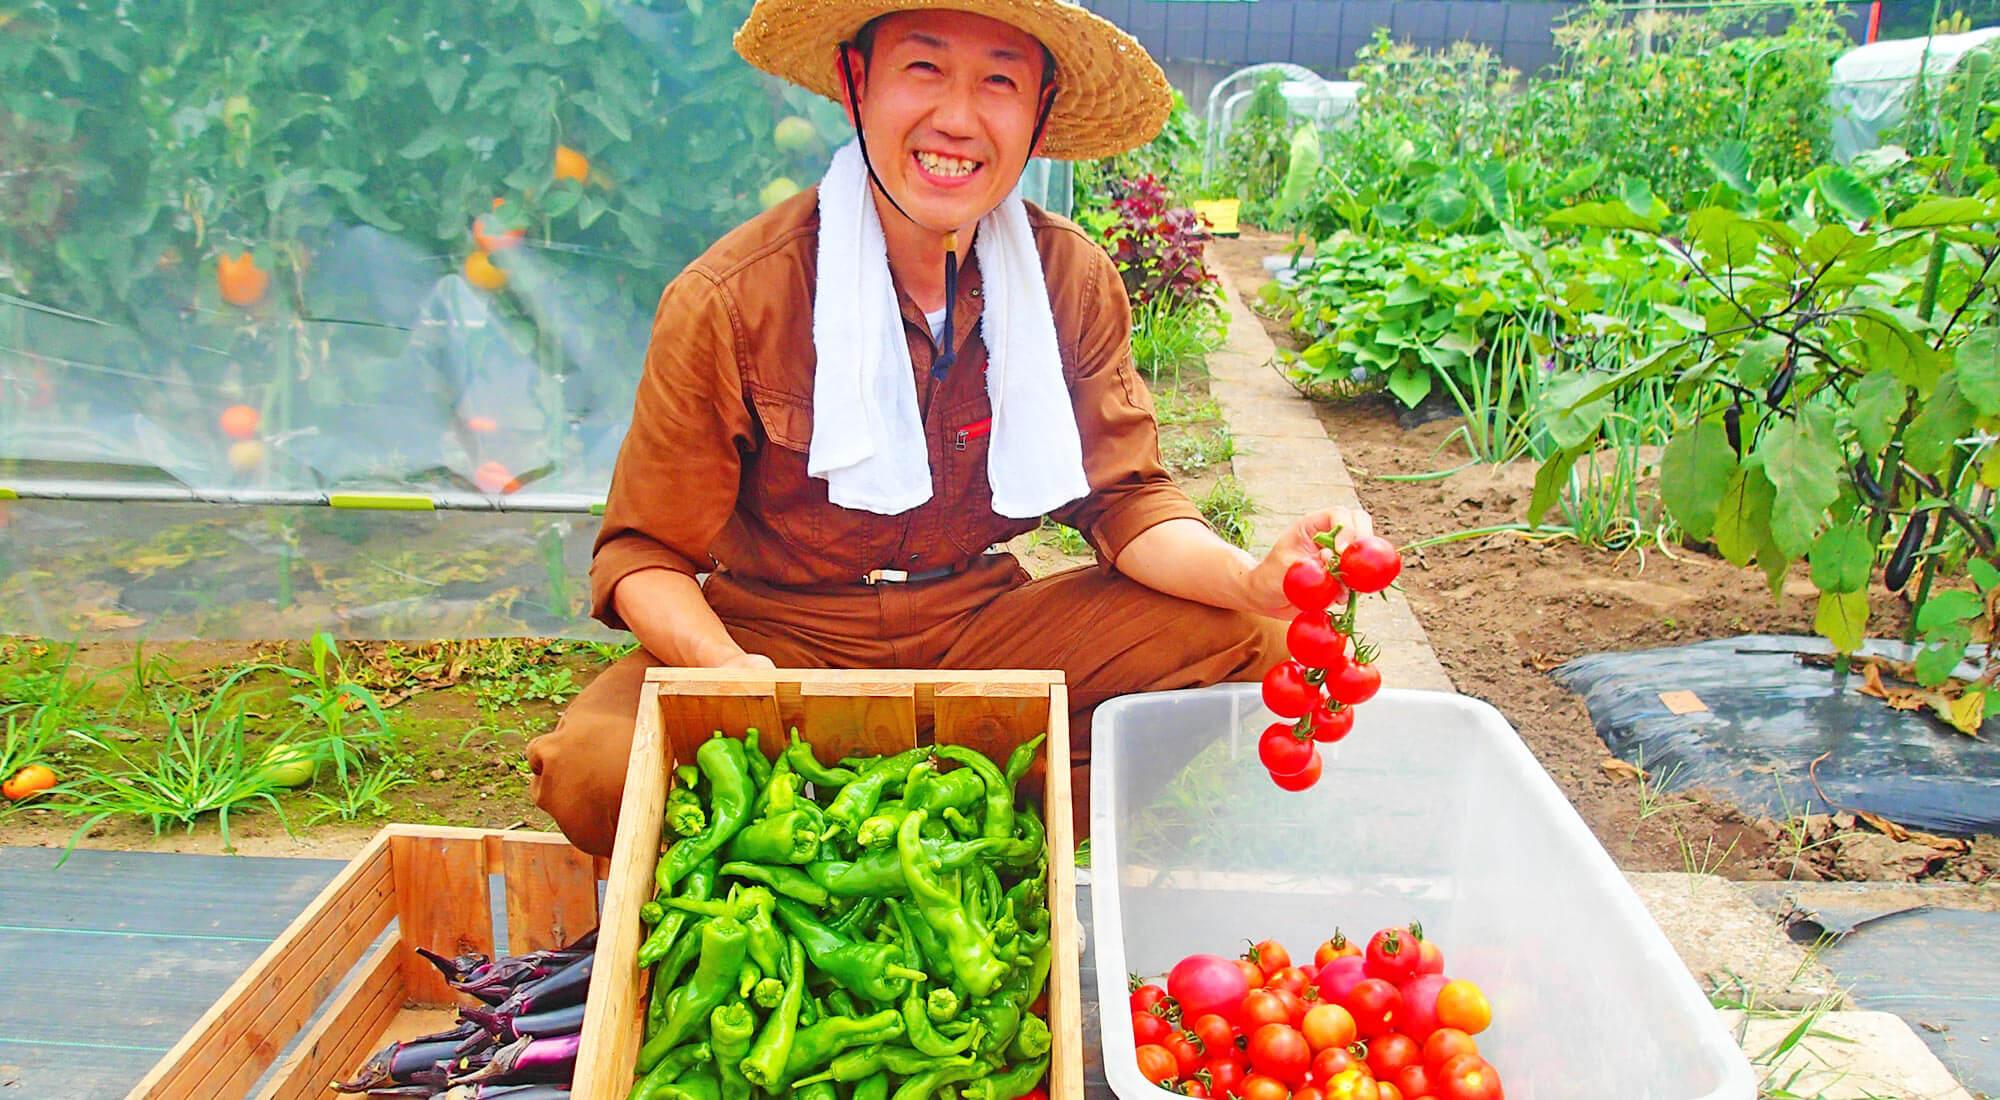 市原の畑で無農薬野菜の栽培をしている